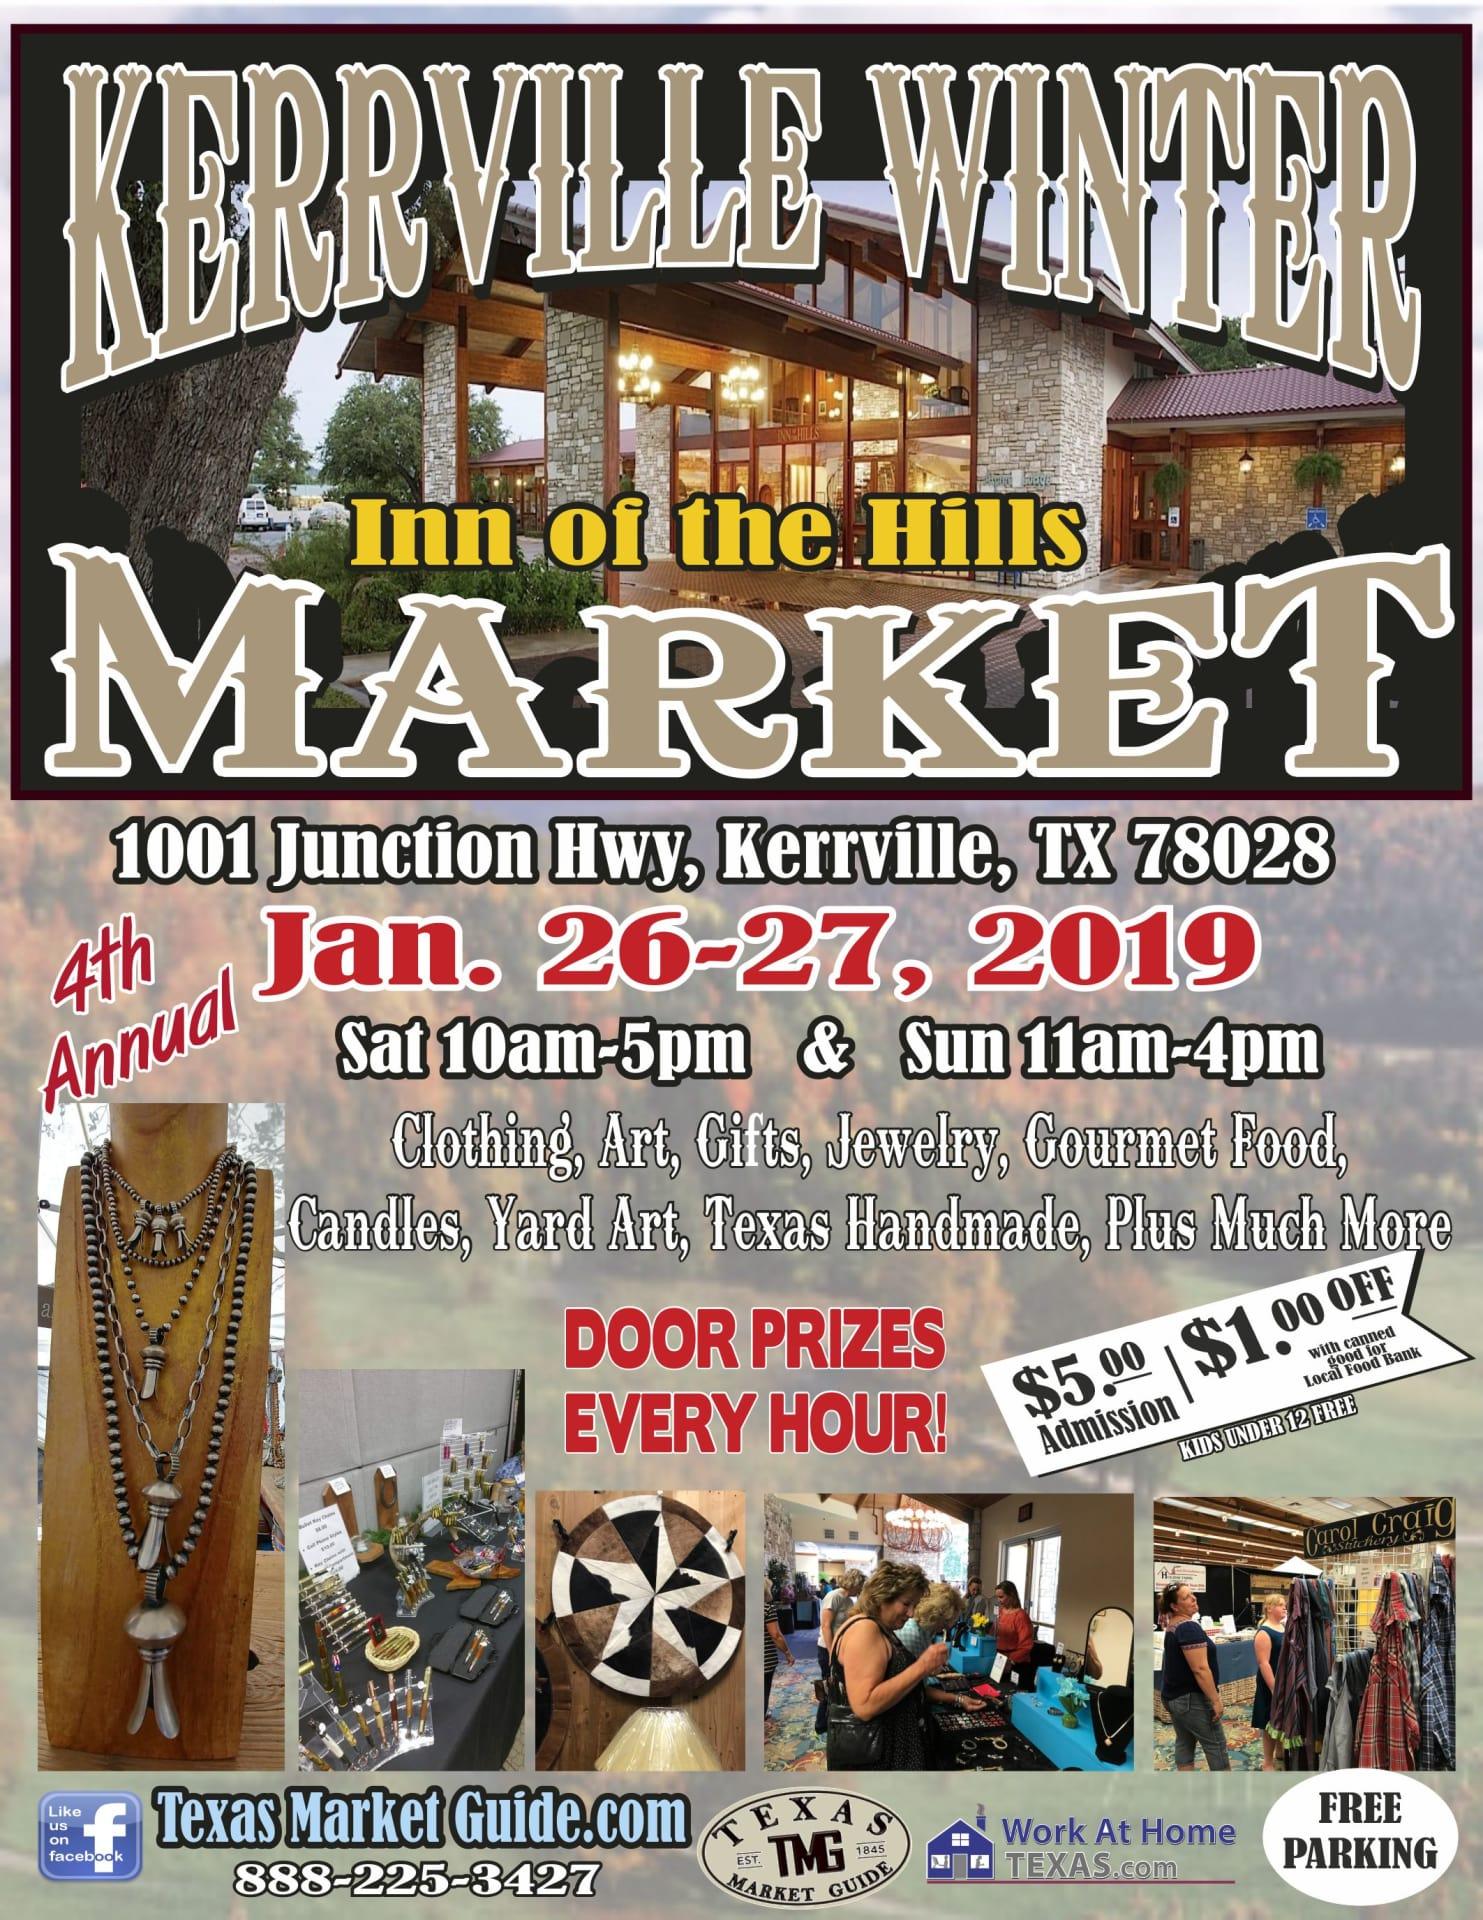 2019-Kerville-Winter-flyer-w1483.jpg